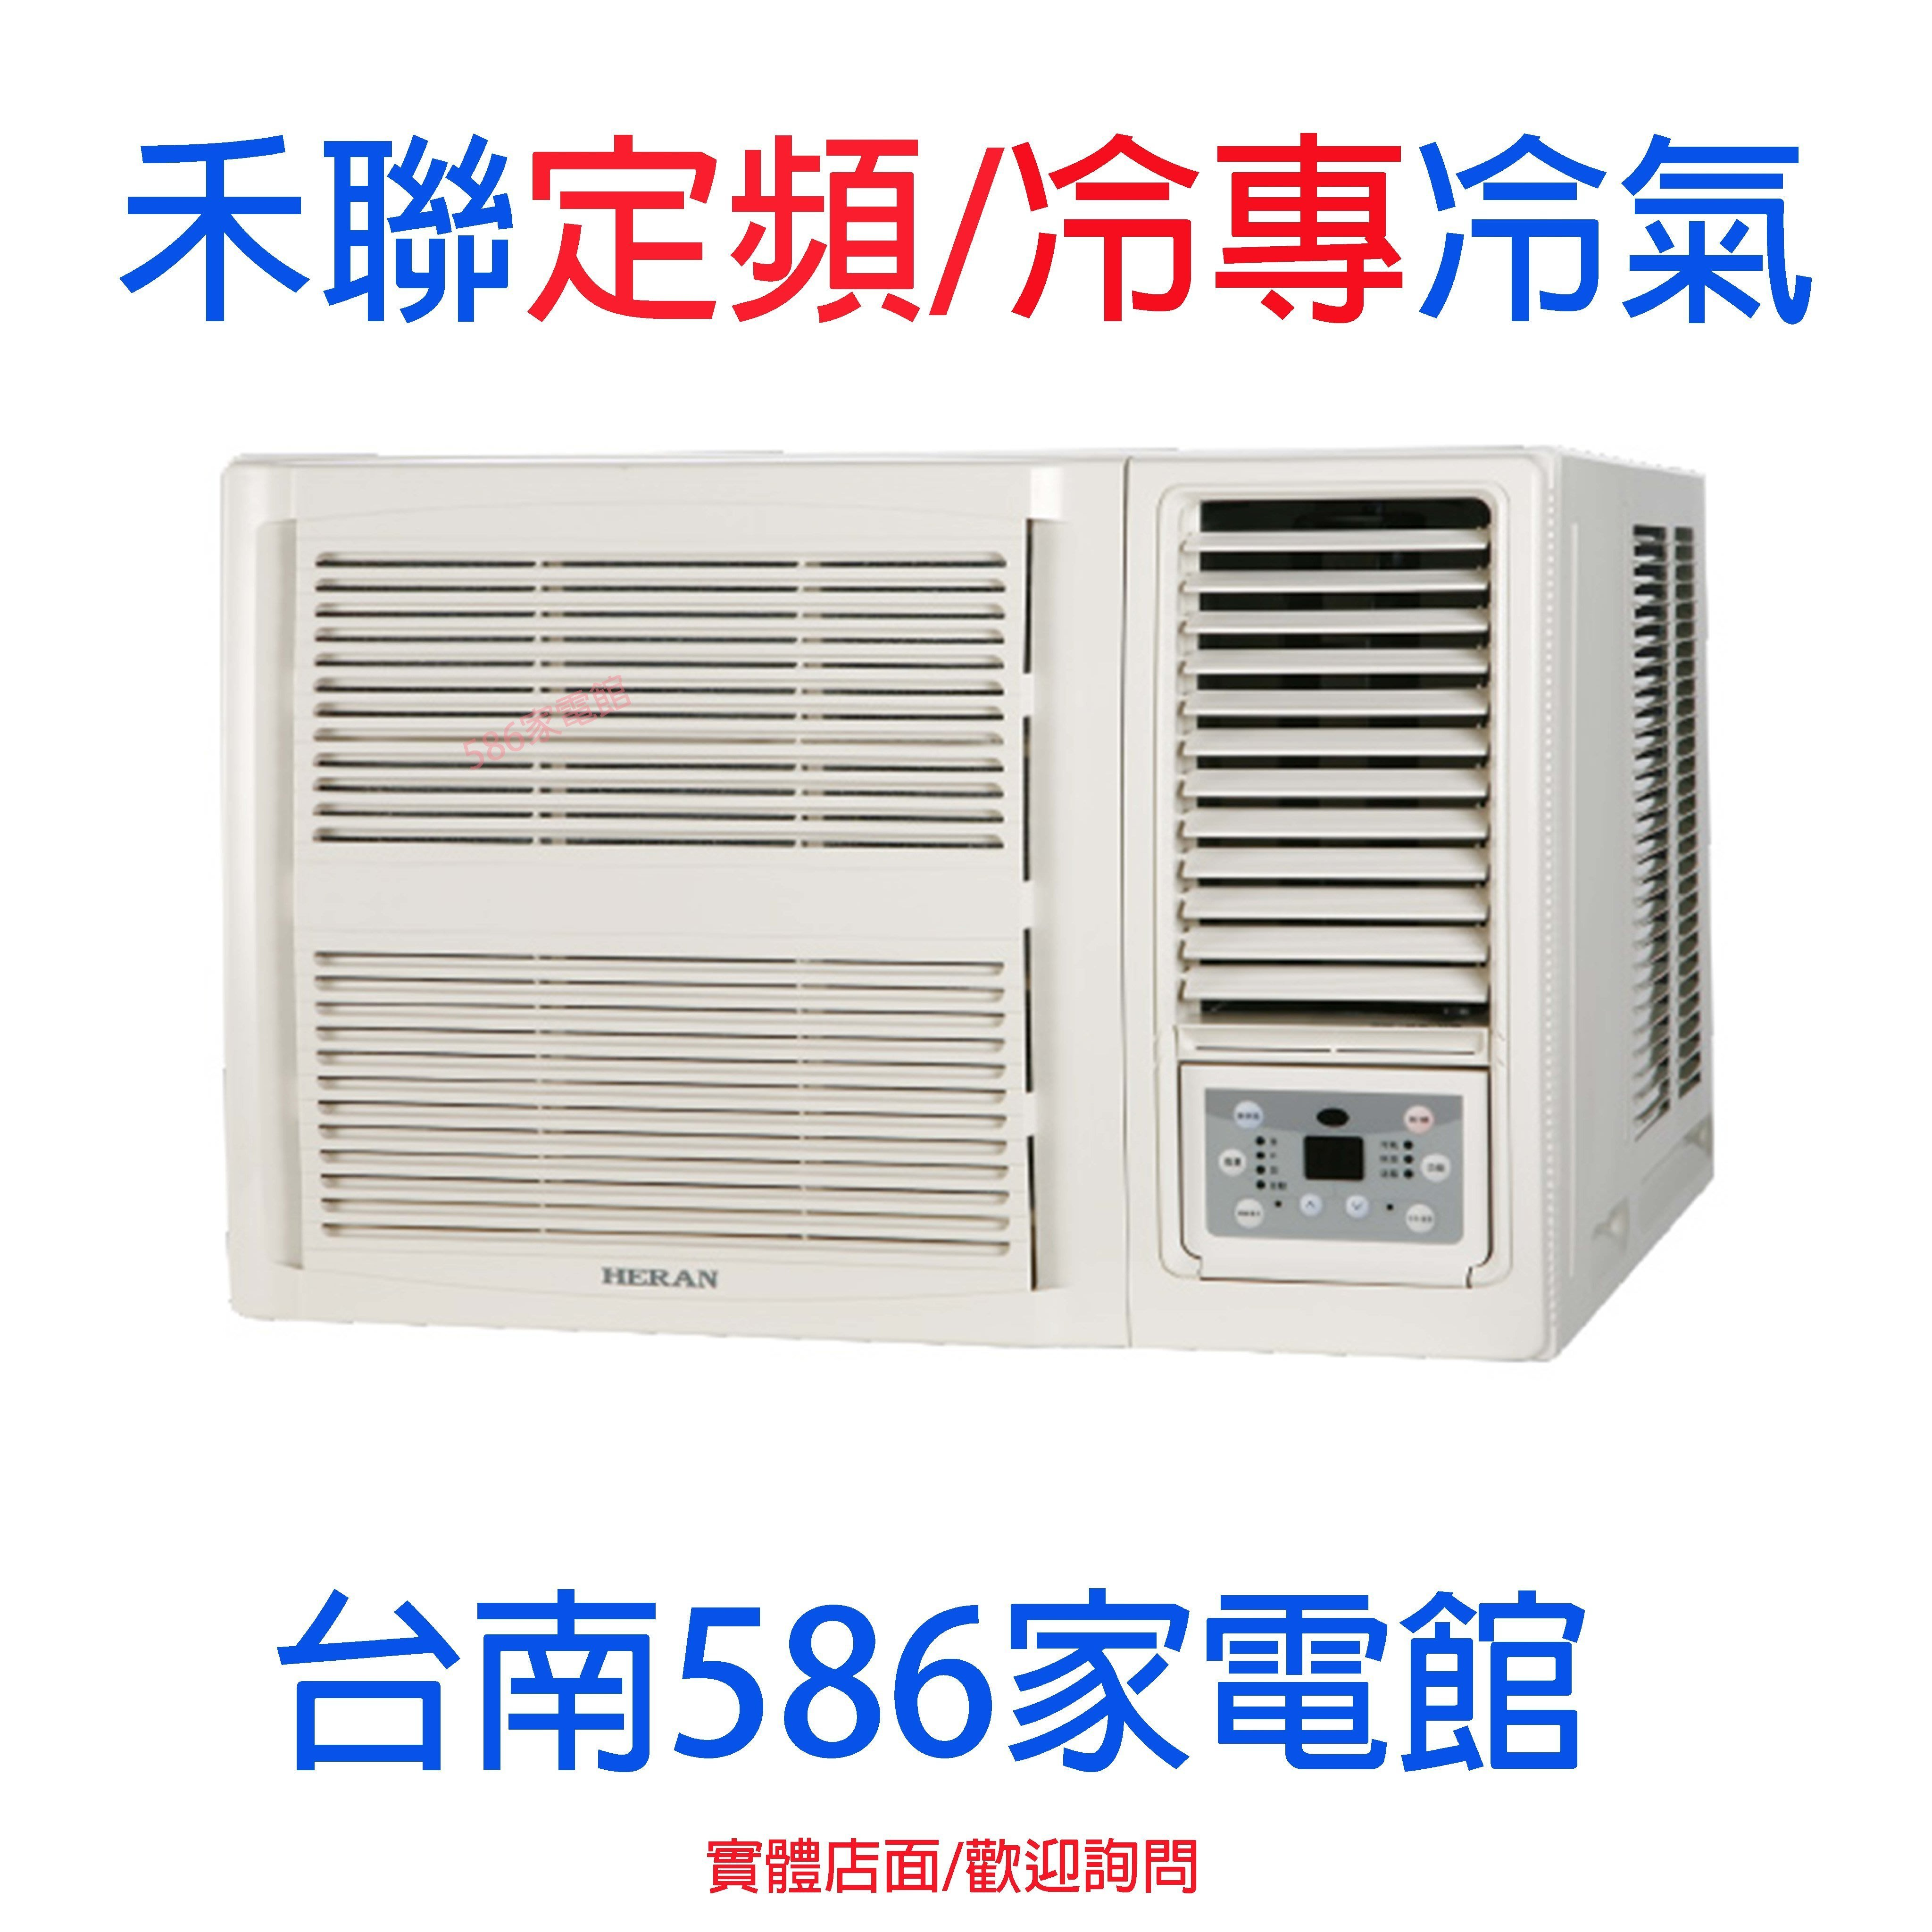 約4-5坪.含安裝《台南586家電館》HERAN禾聯冷氣窗型定頻冷專冷氣【HW-28P5】